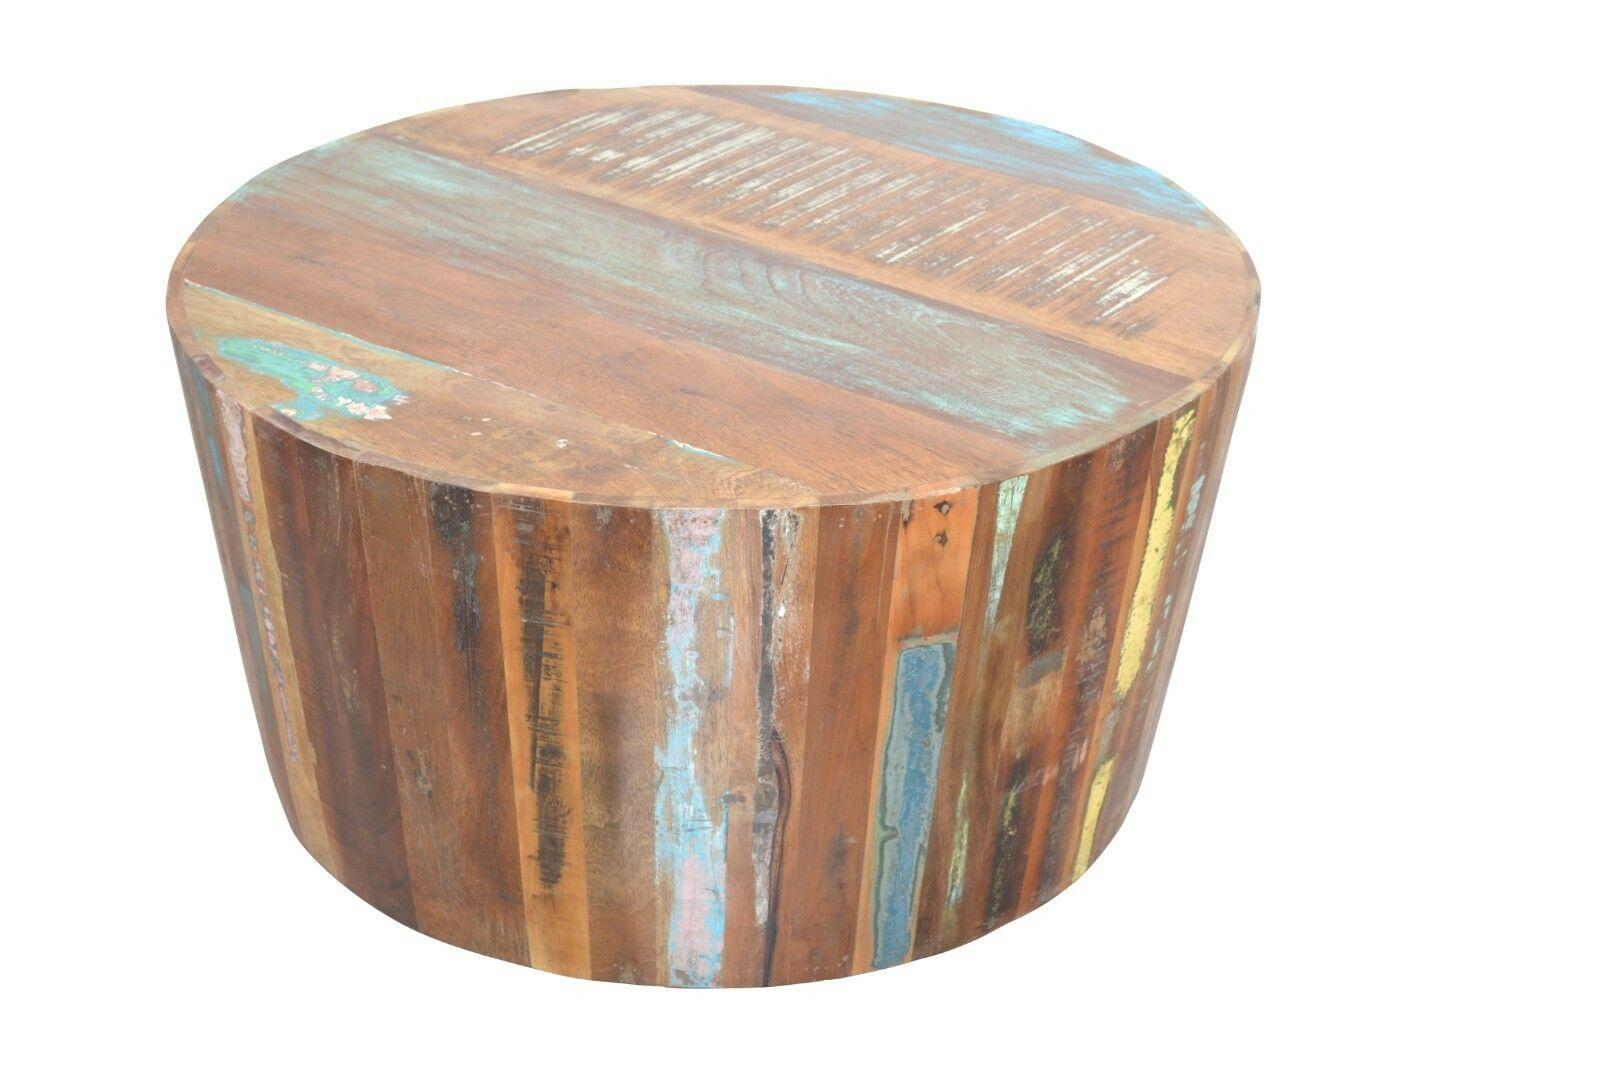 Couchtisch Vintage Rund Couchtisch Rund Massivholz Vintage Look